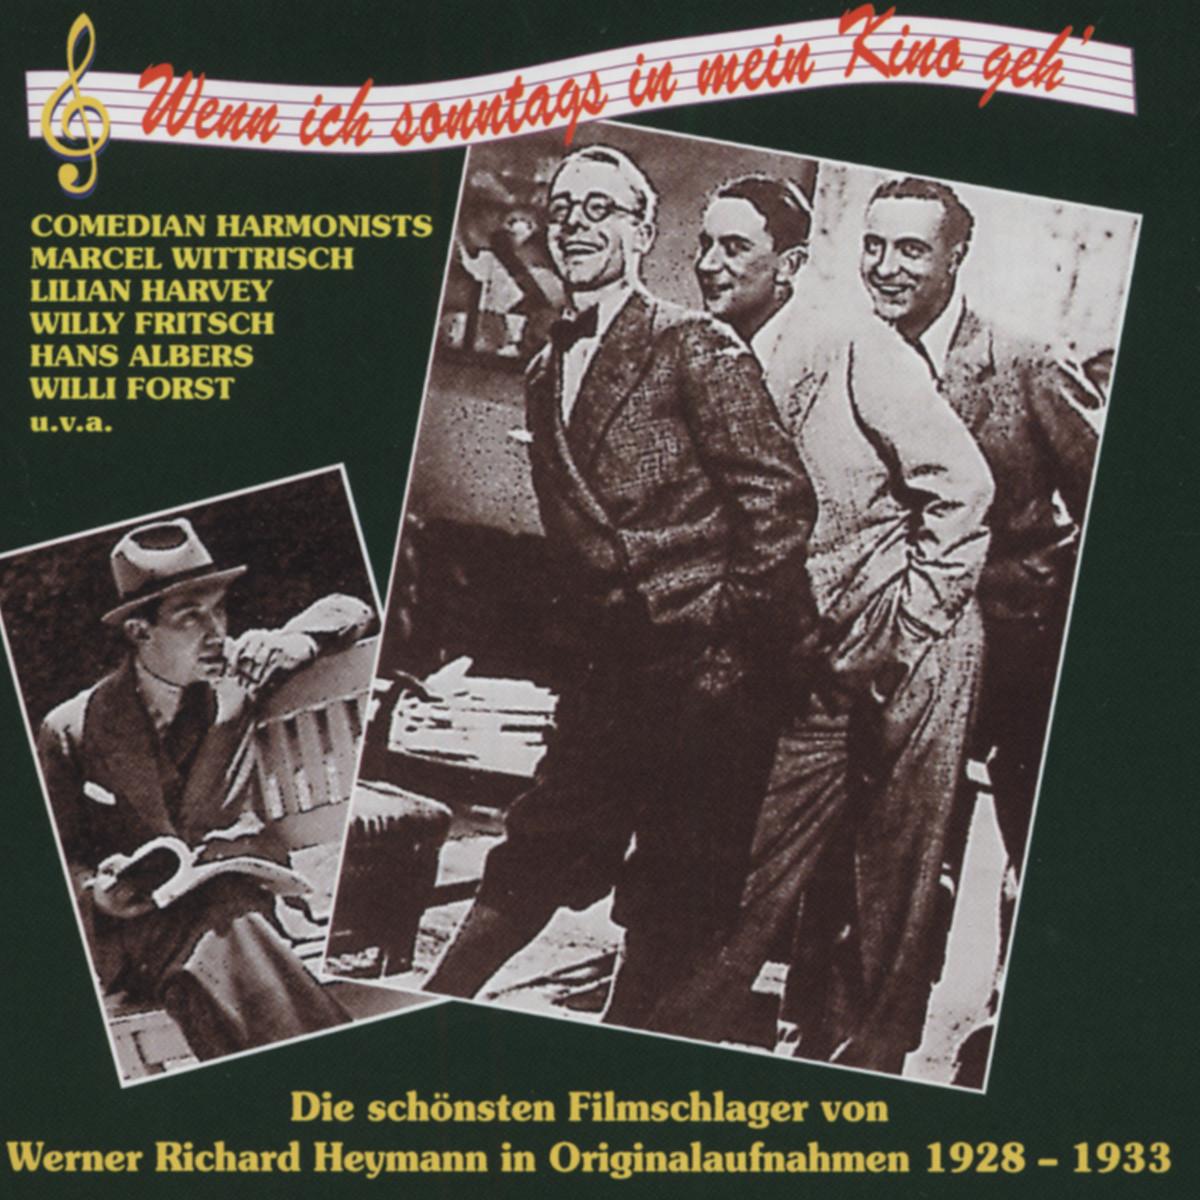 Werner Richard Heymann - Wenn ich sonntags in mein Kino geh´ 1928-33 (CD)